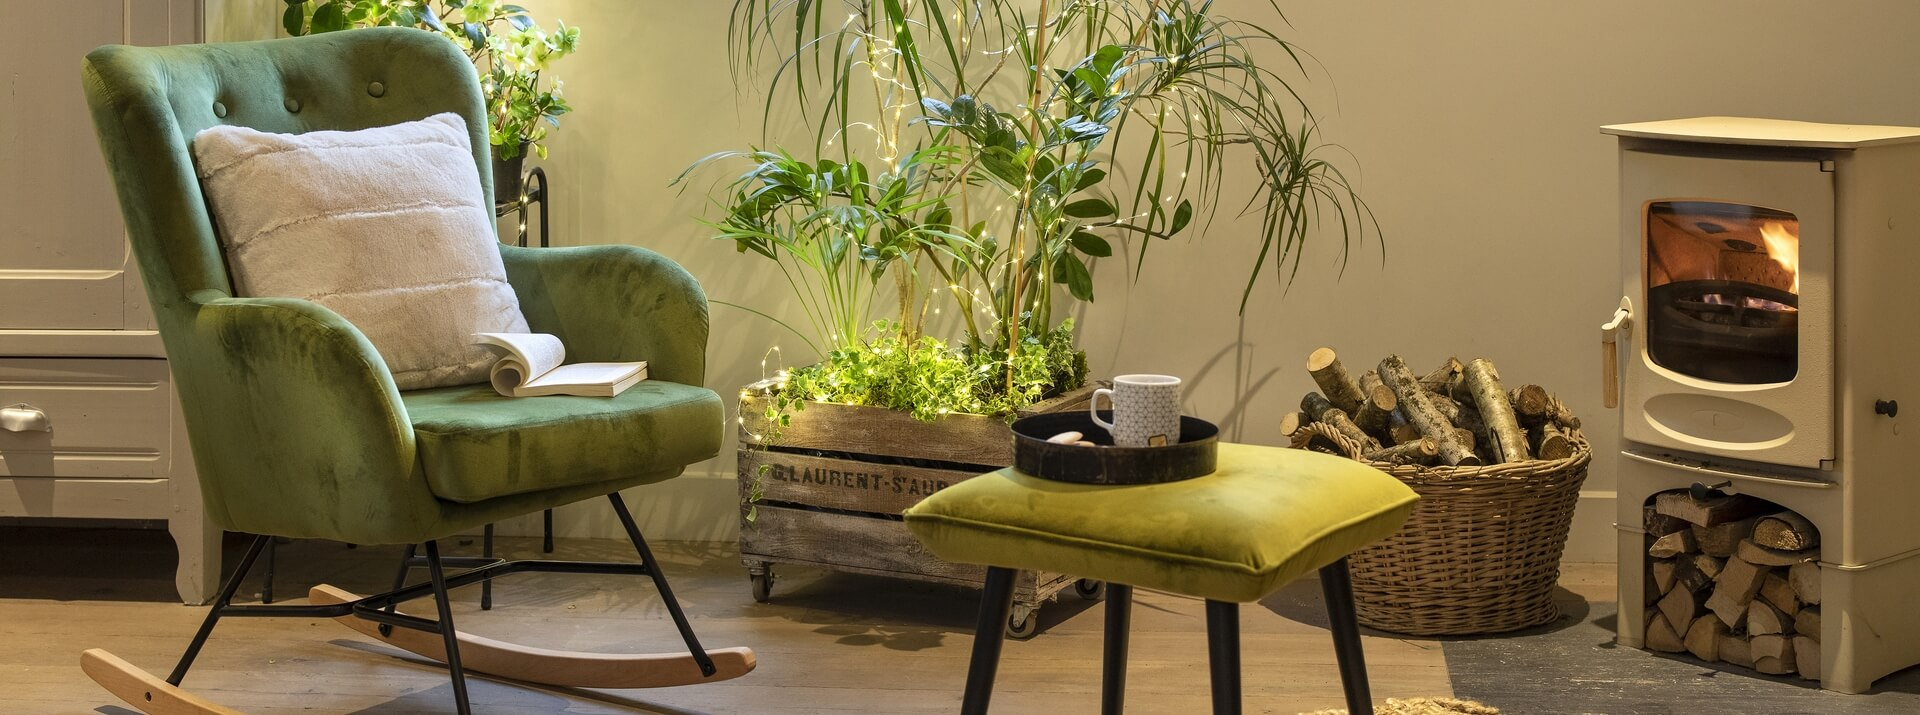 Potager 3 Etages Botanic décoration de la maison nature : et décoration de la maison